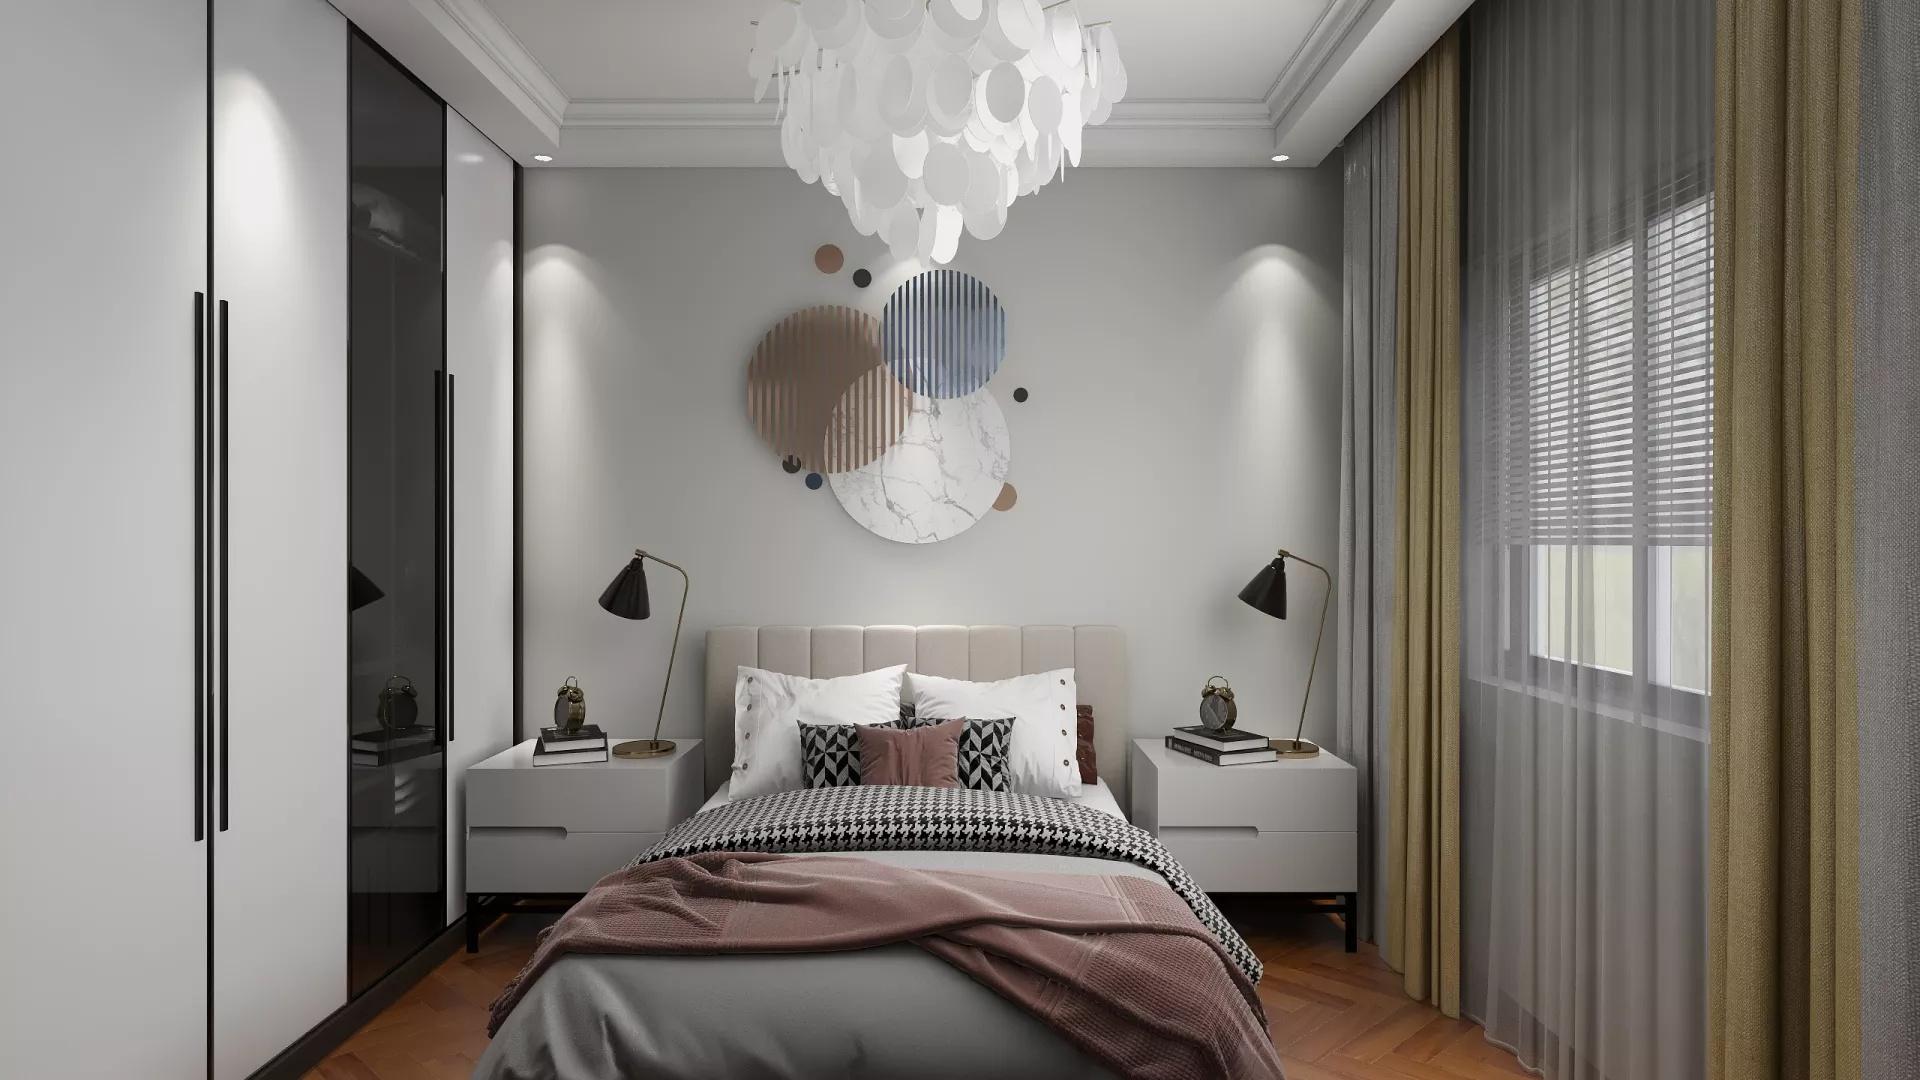 卧室吊顶材料如何选择 卧室吊顶材料选择方法